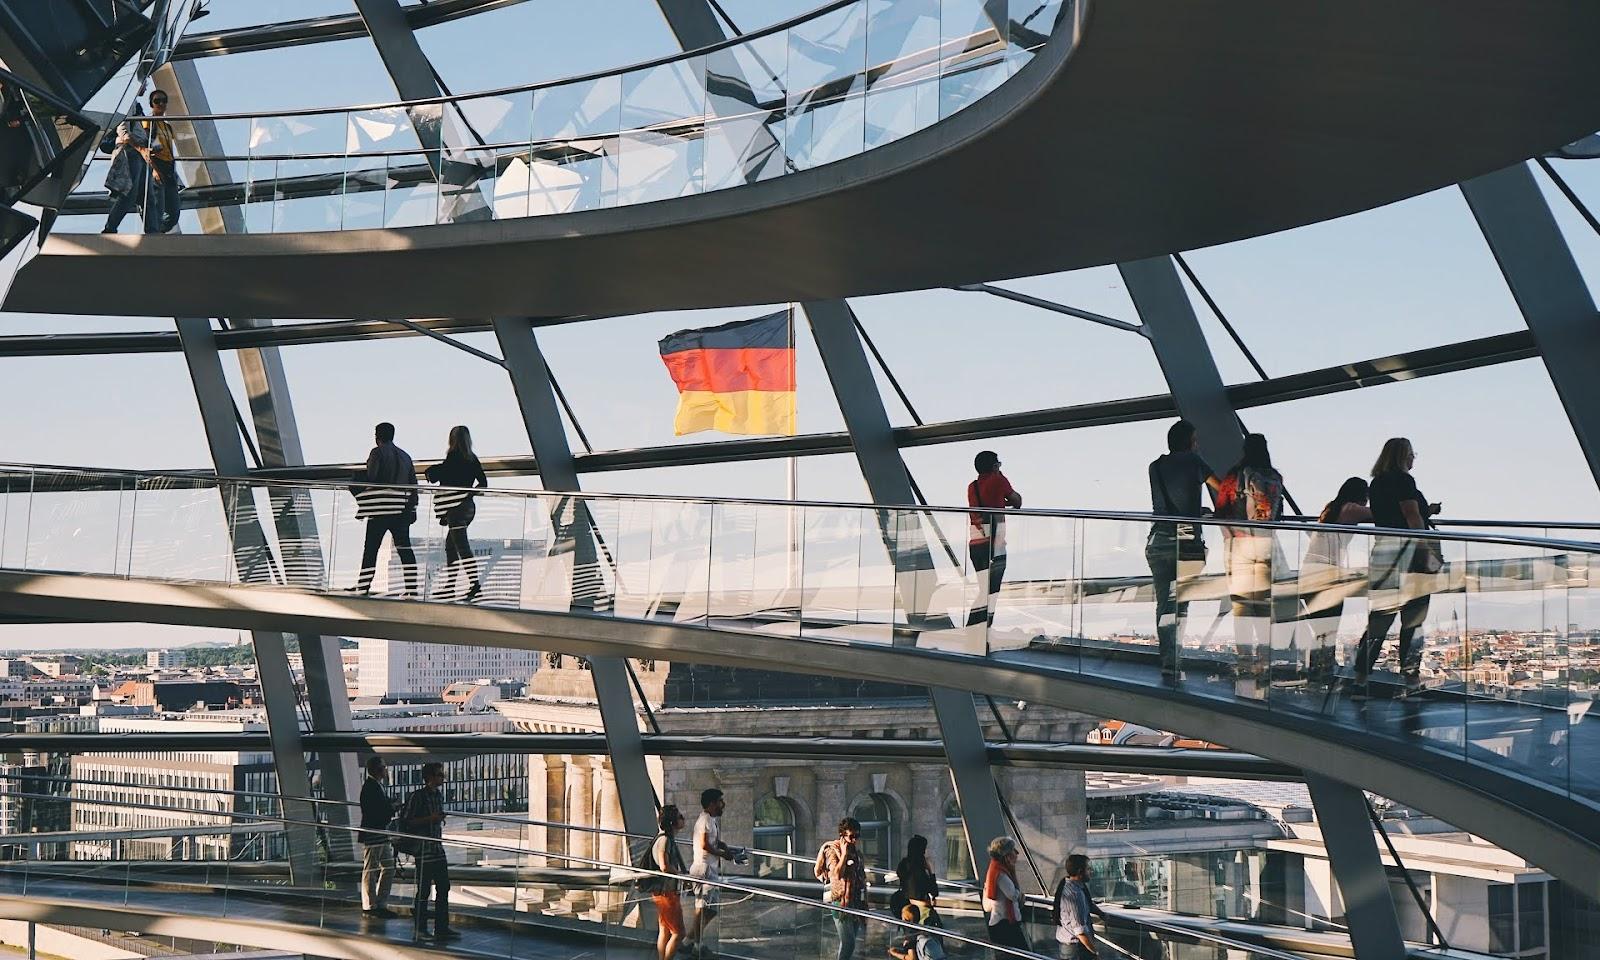 GDZIE I JAK UCZYĆ SIĘ NIEMIECKIEGO W BERLINIE?